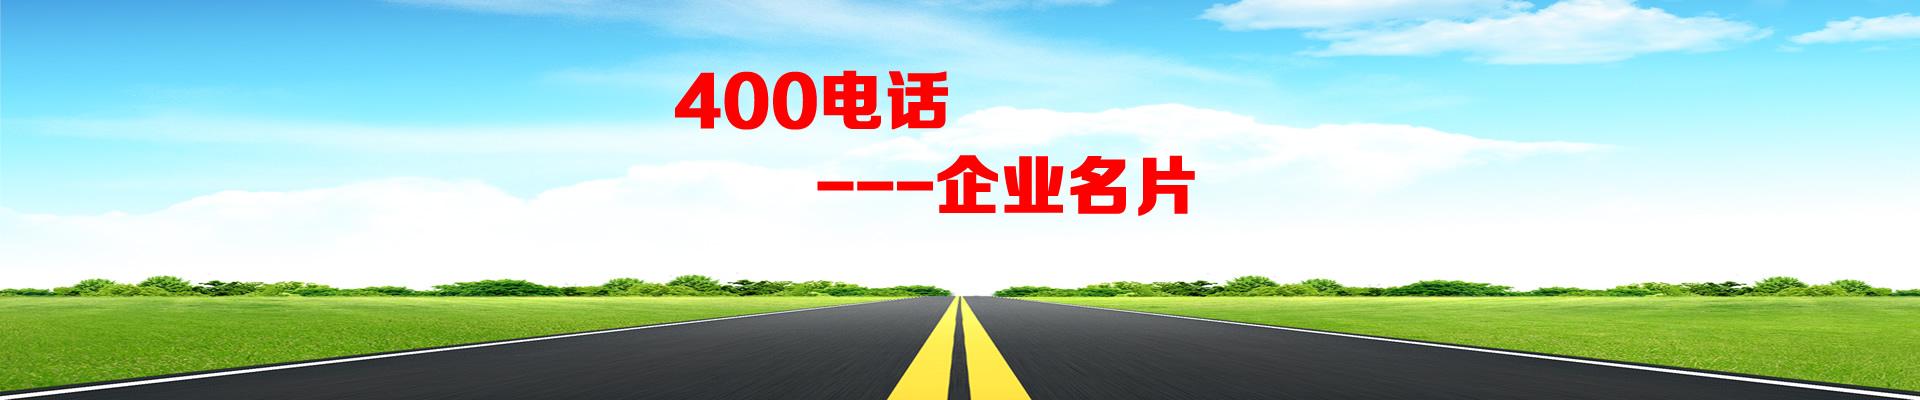 400电话优惠活动